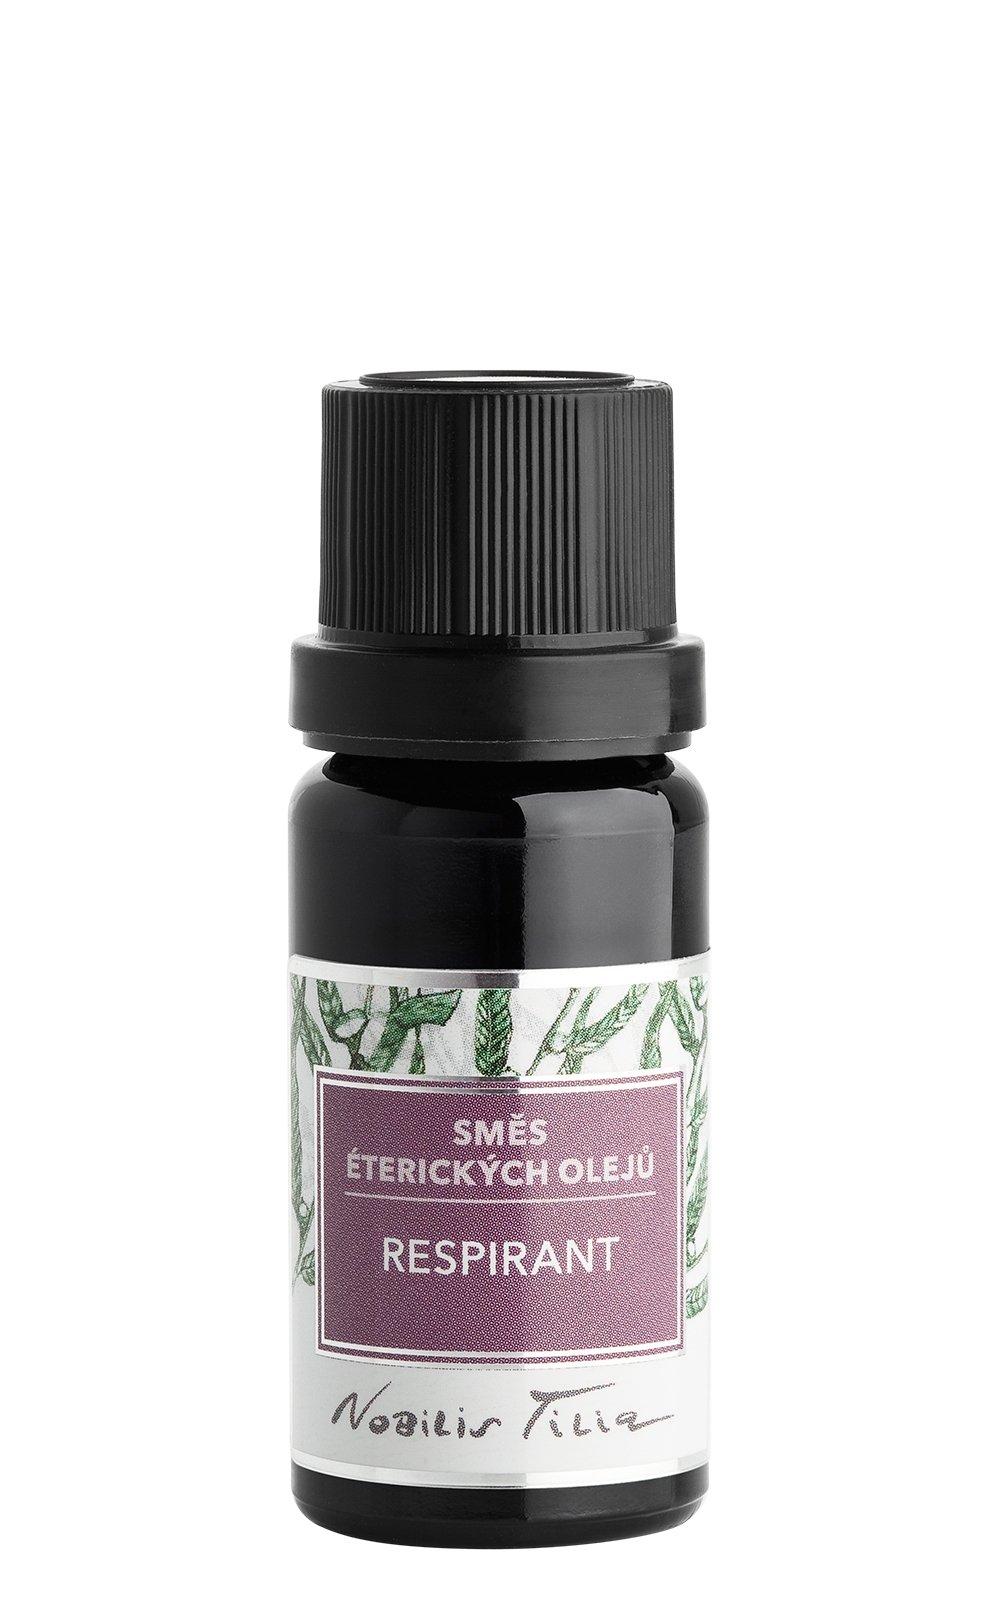 Směs éterických olejů Respirant: 10 ml